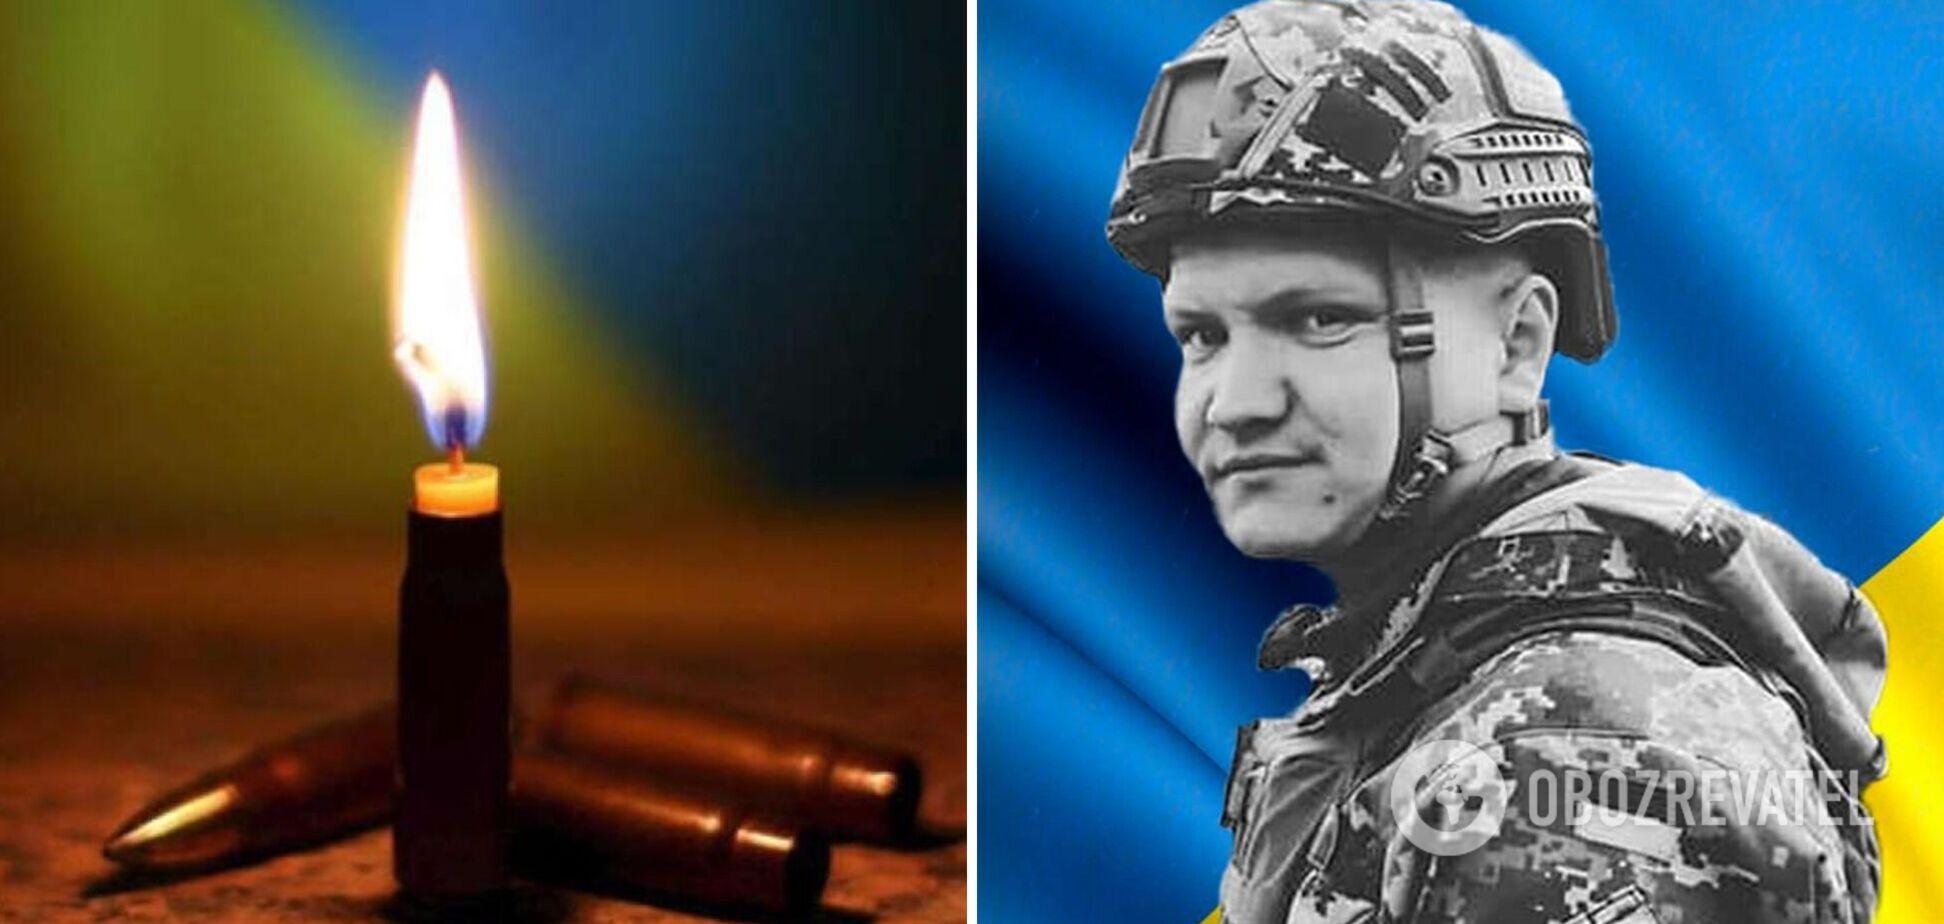 Стало известно имя воина ВСУ, погибшего на Донбассе. Фото Героя